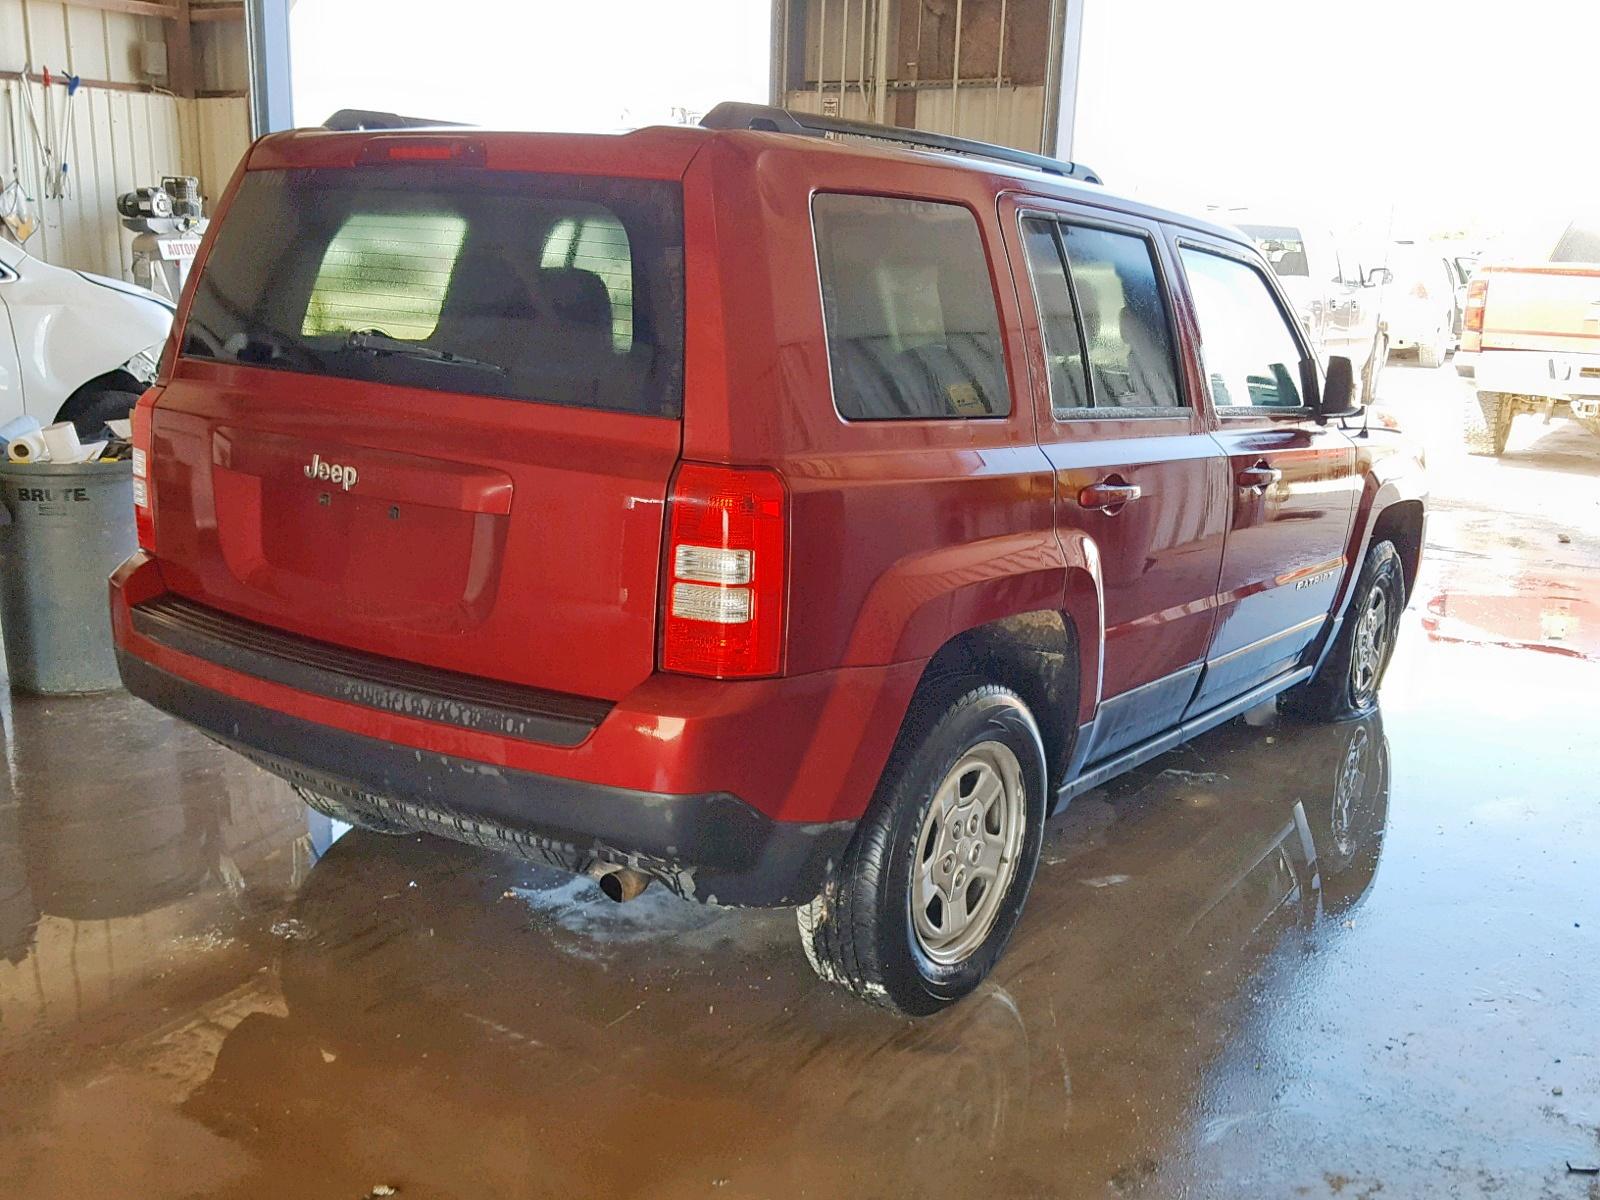 1C4NJPBA8DD272697 - 2013 Jeep Patriot Sp 2.0L rear view